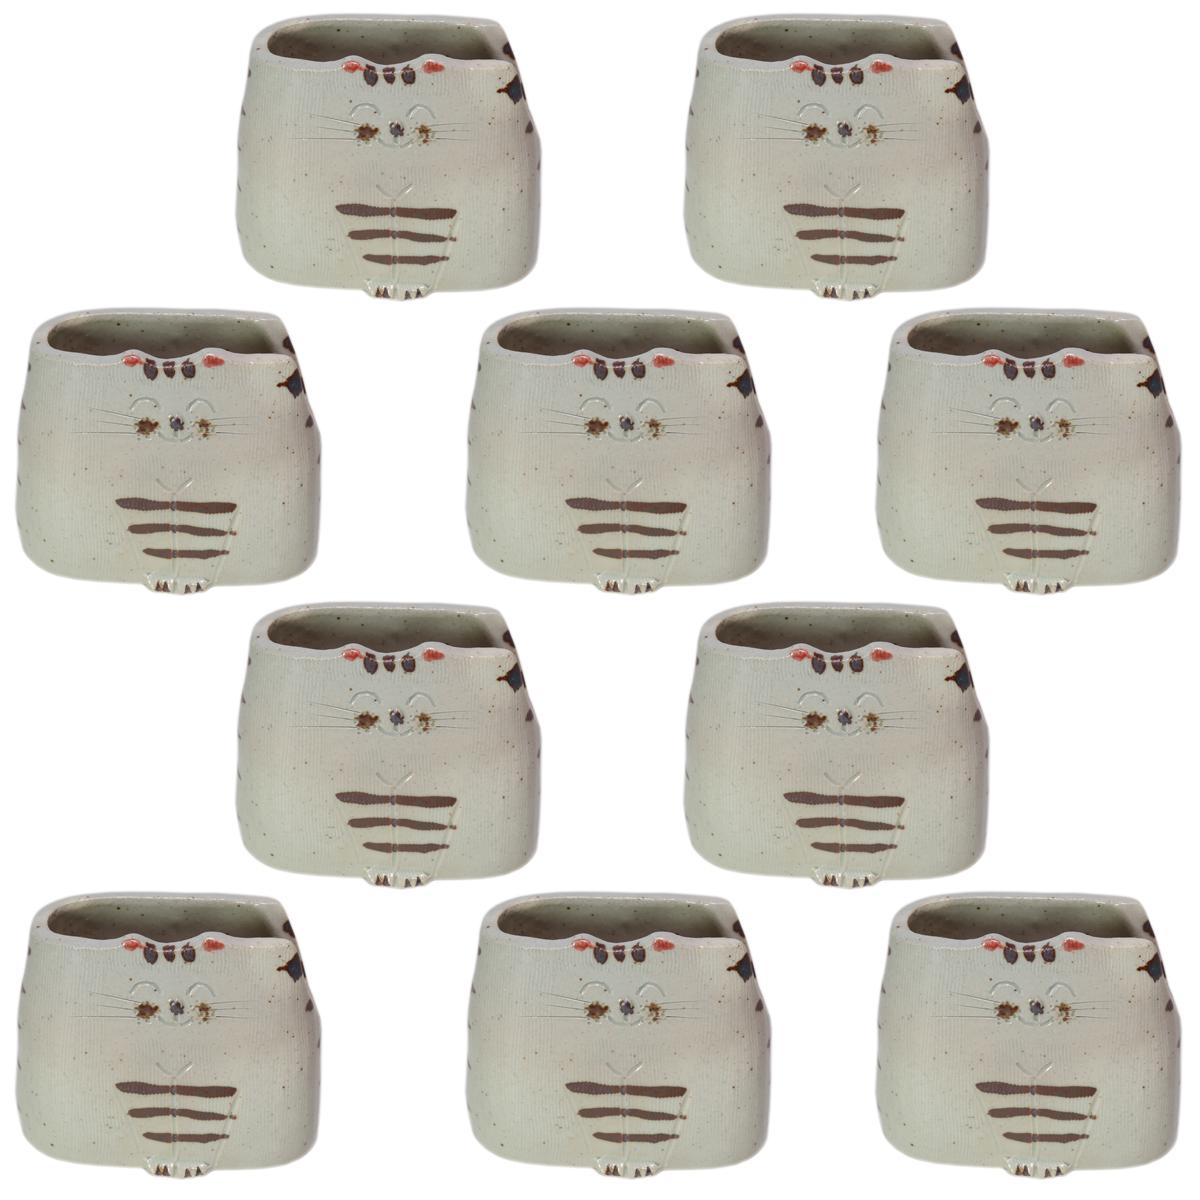 10個セット 卓上小物 蔵猫しゃもじ立 [10 x 6 x 9.5cm] 料亭 旅館 和食器 飲食店 業務用